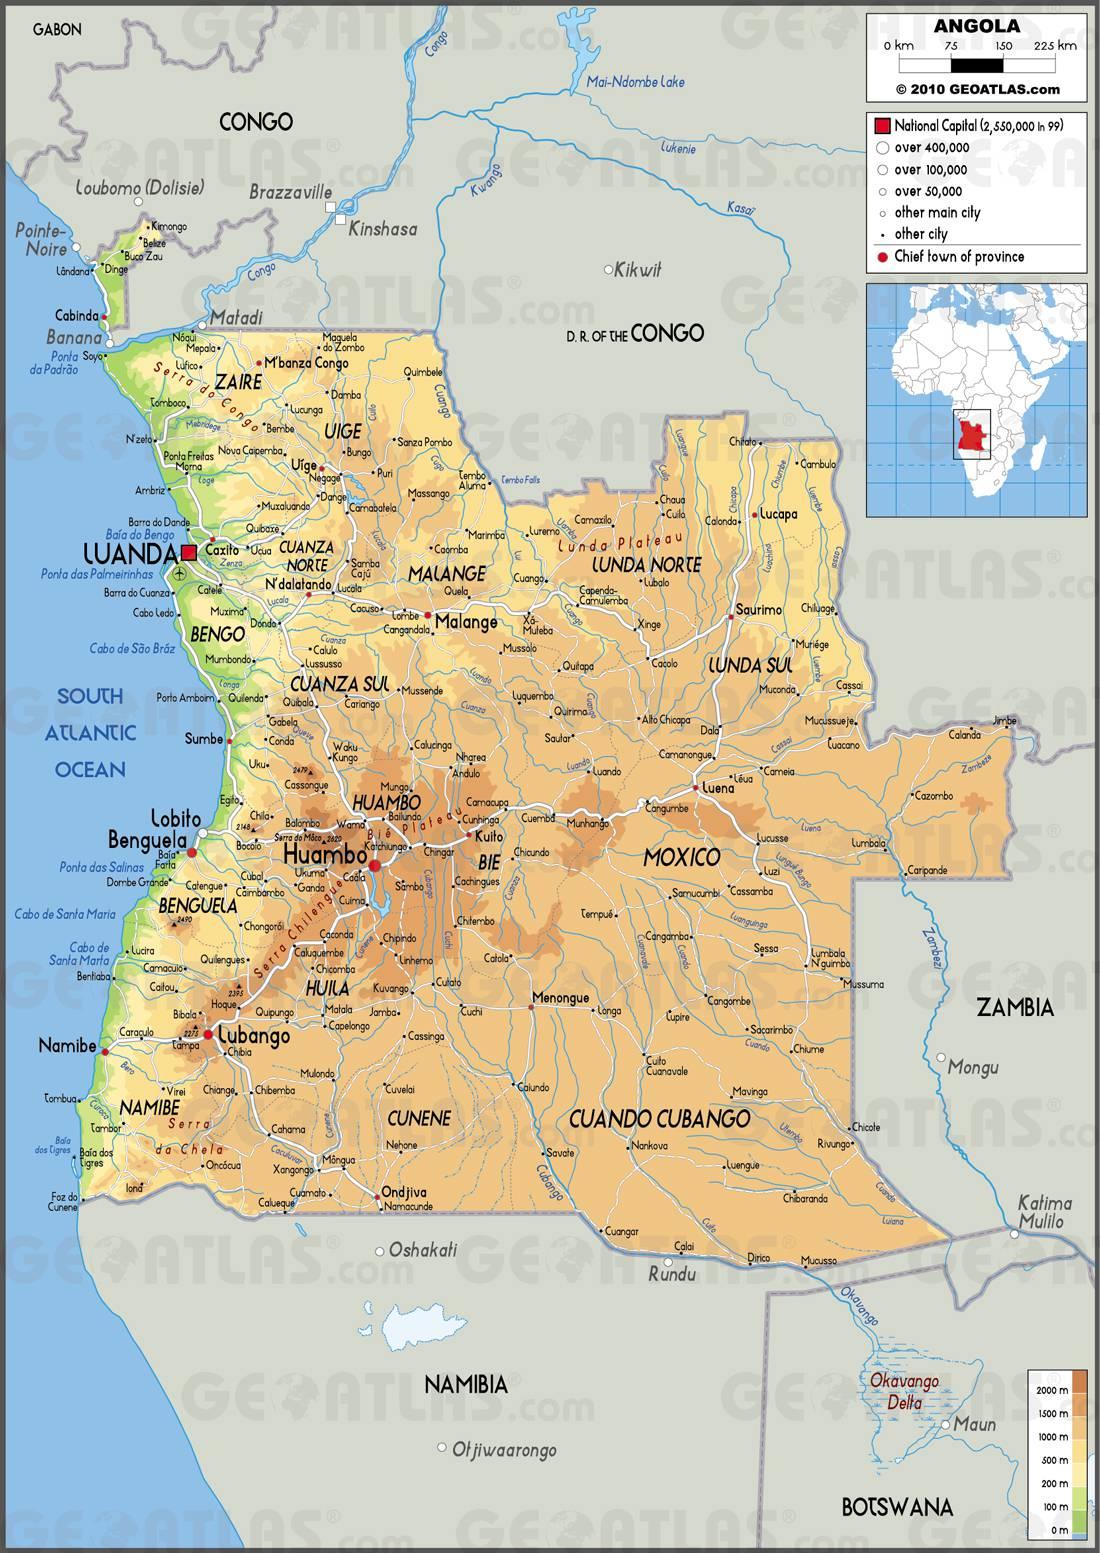 Carte géographique de l'Angola